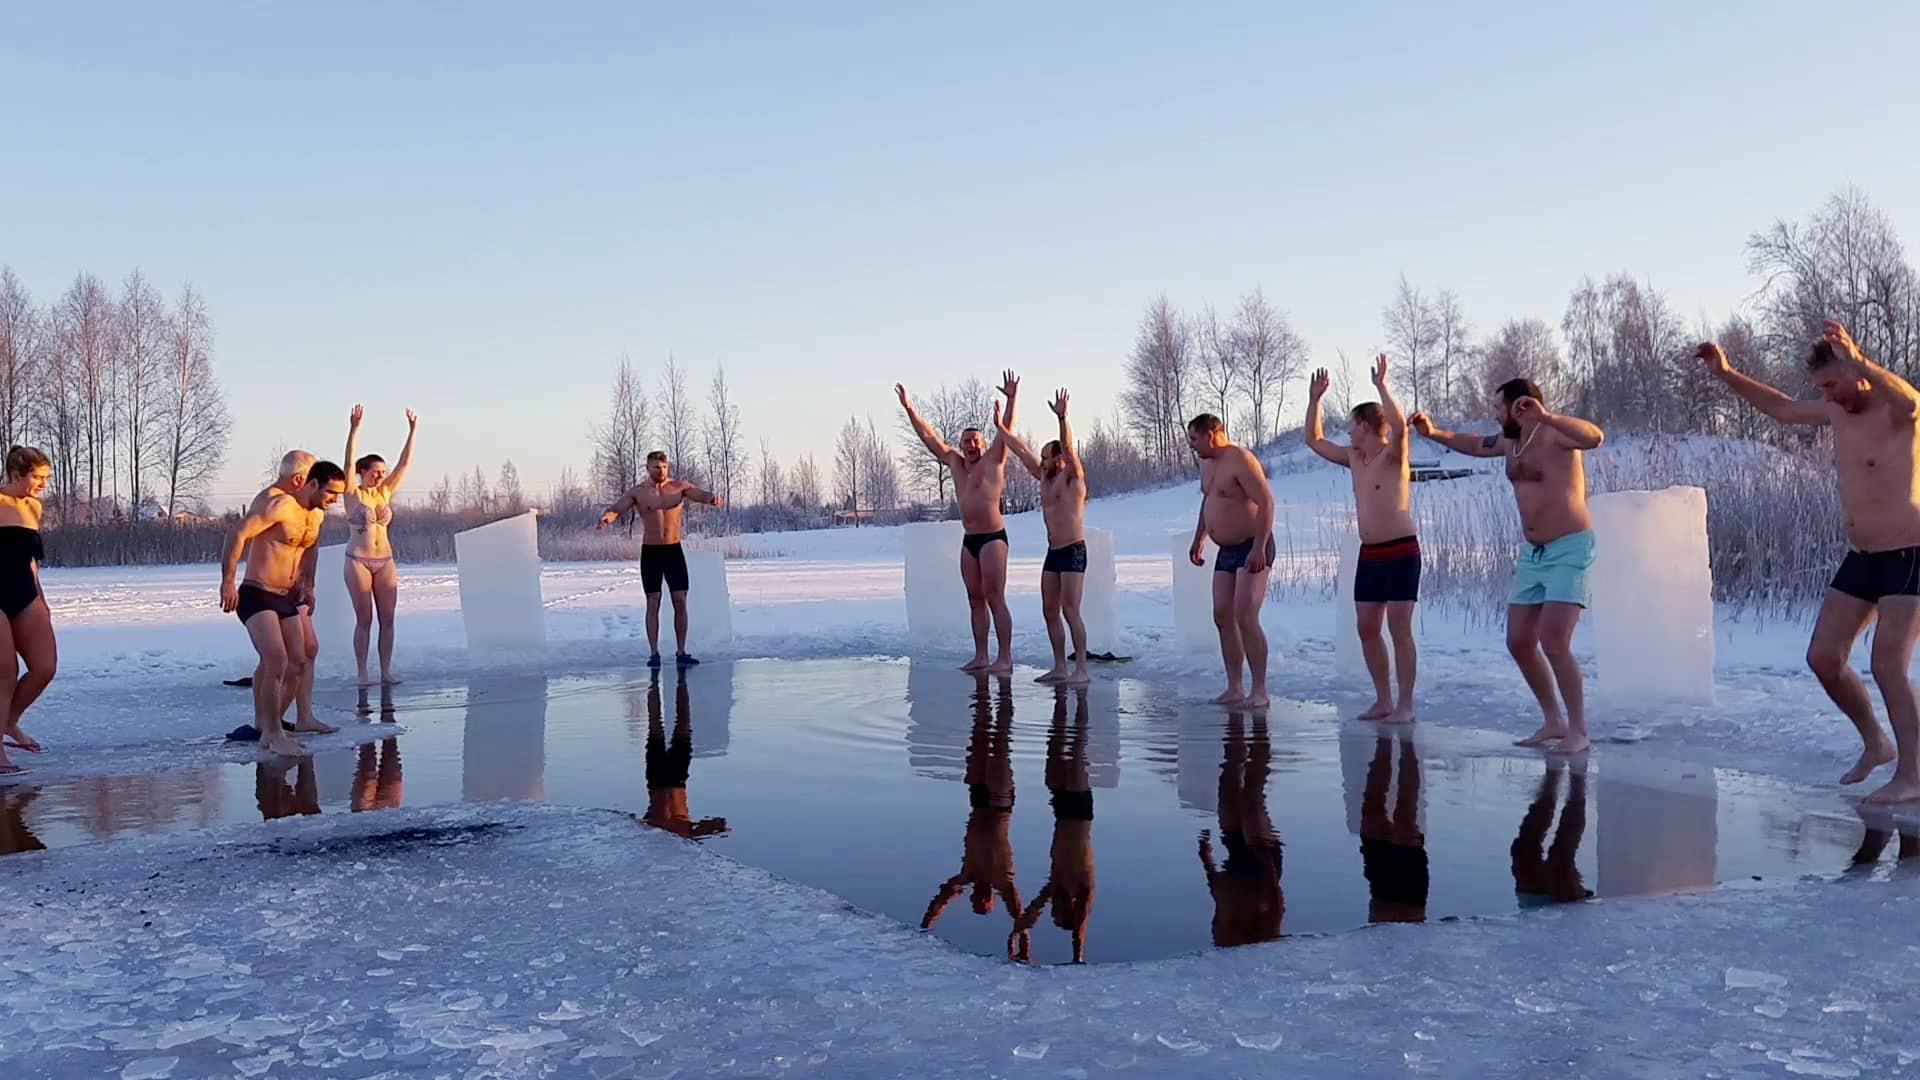 Maudynės lediniame vandenyje - atgaiva žmogaus kūnui ir sielai